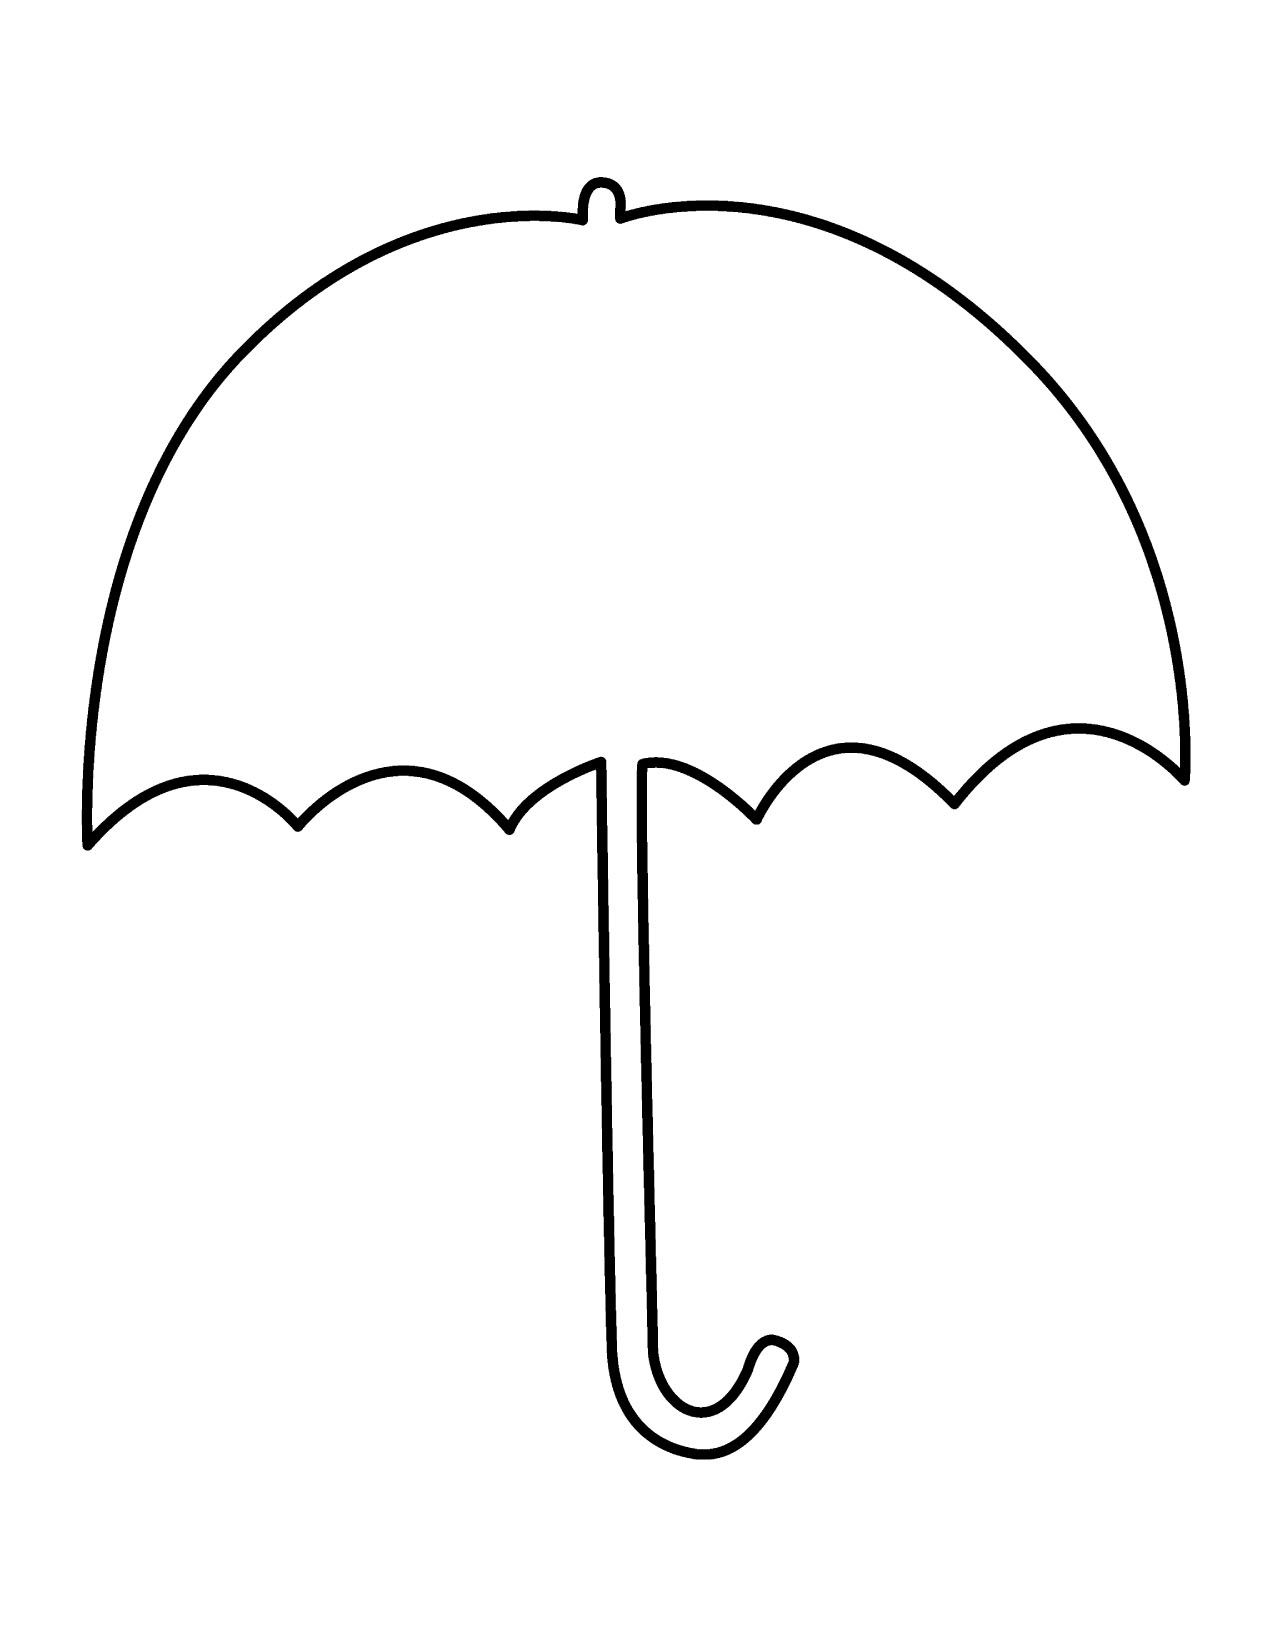 Coloring pages clip art. Clipart umbrella pdf